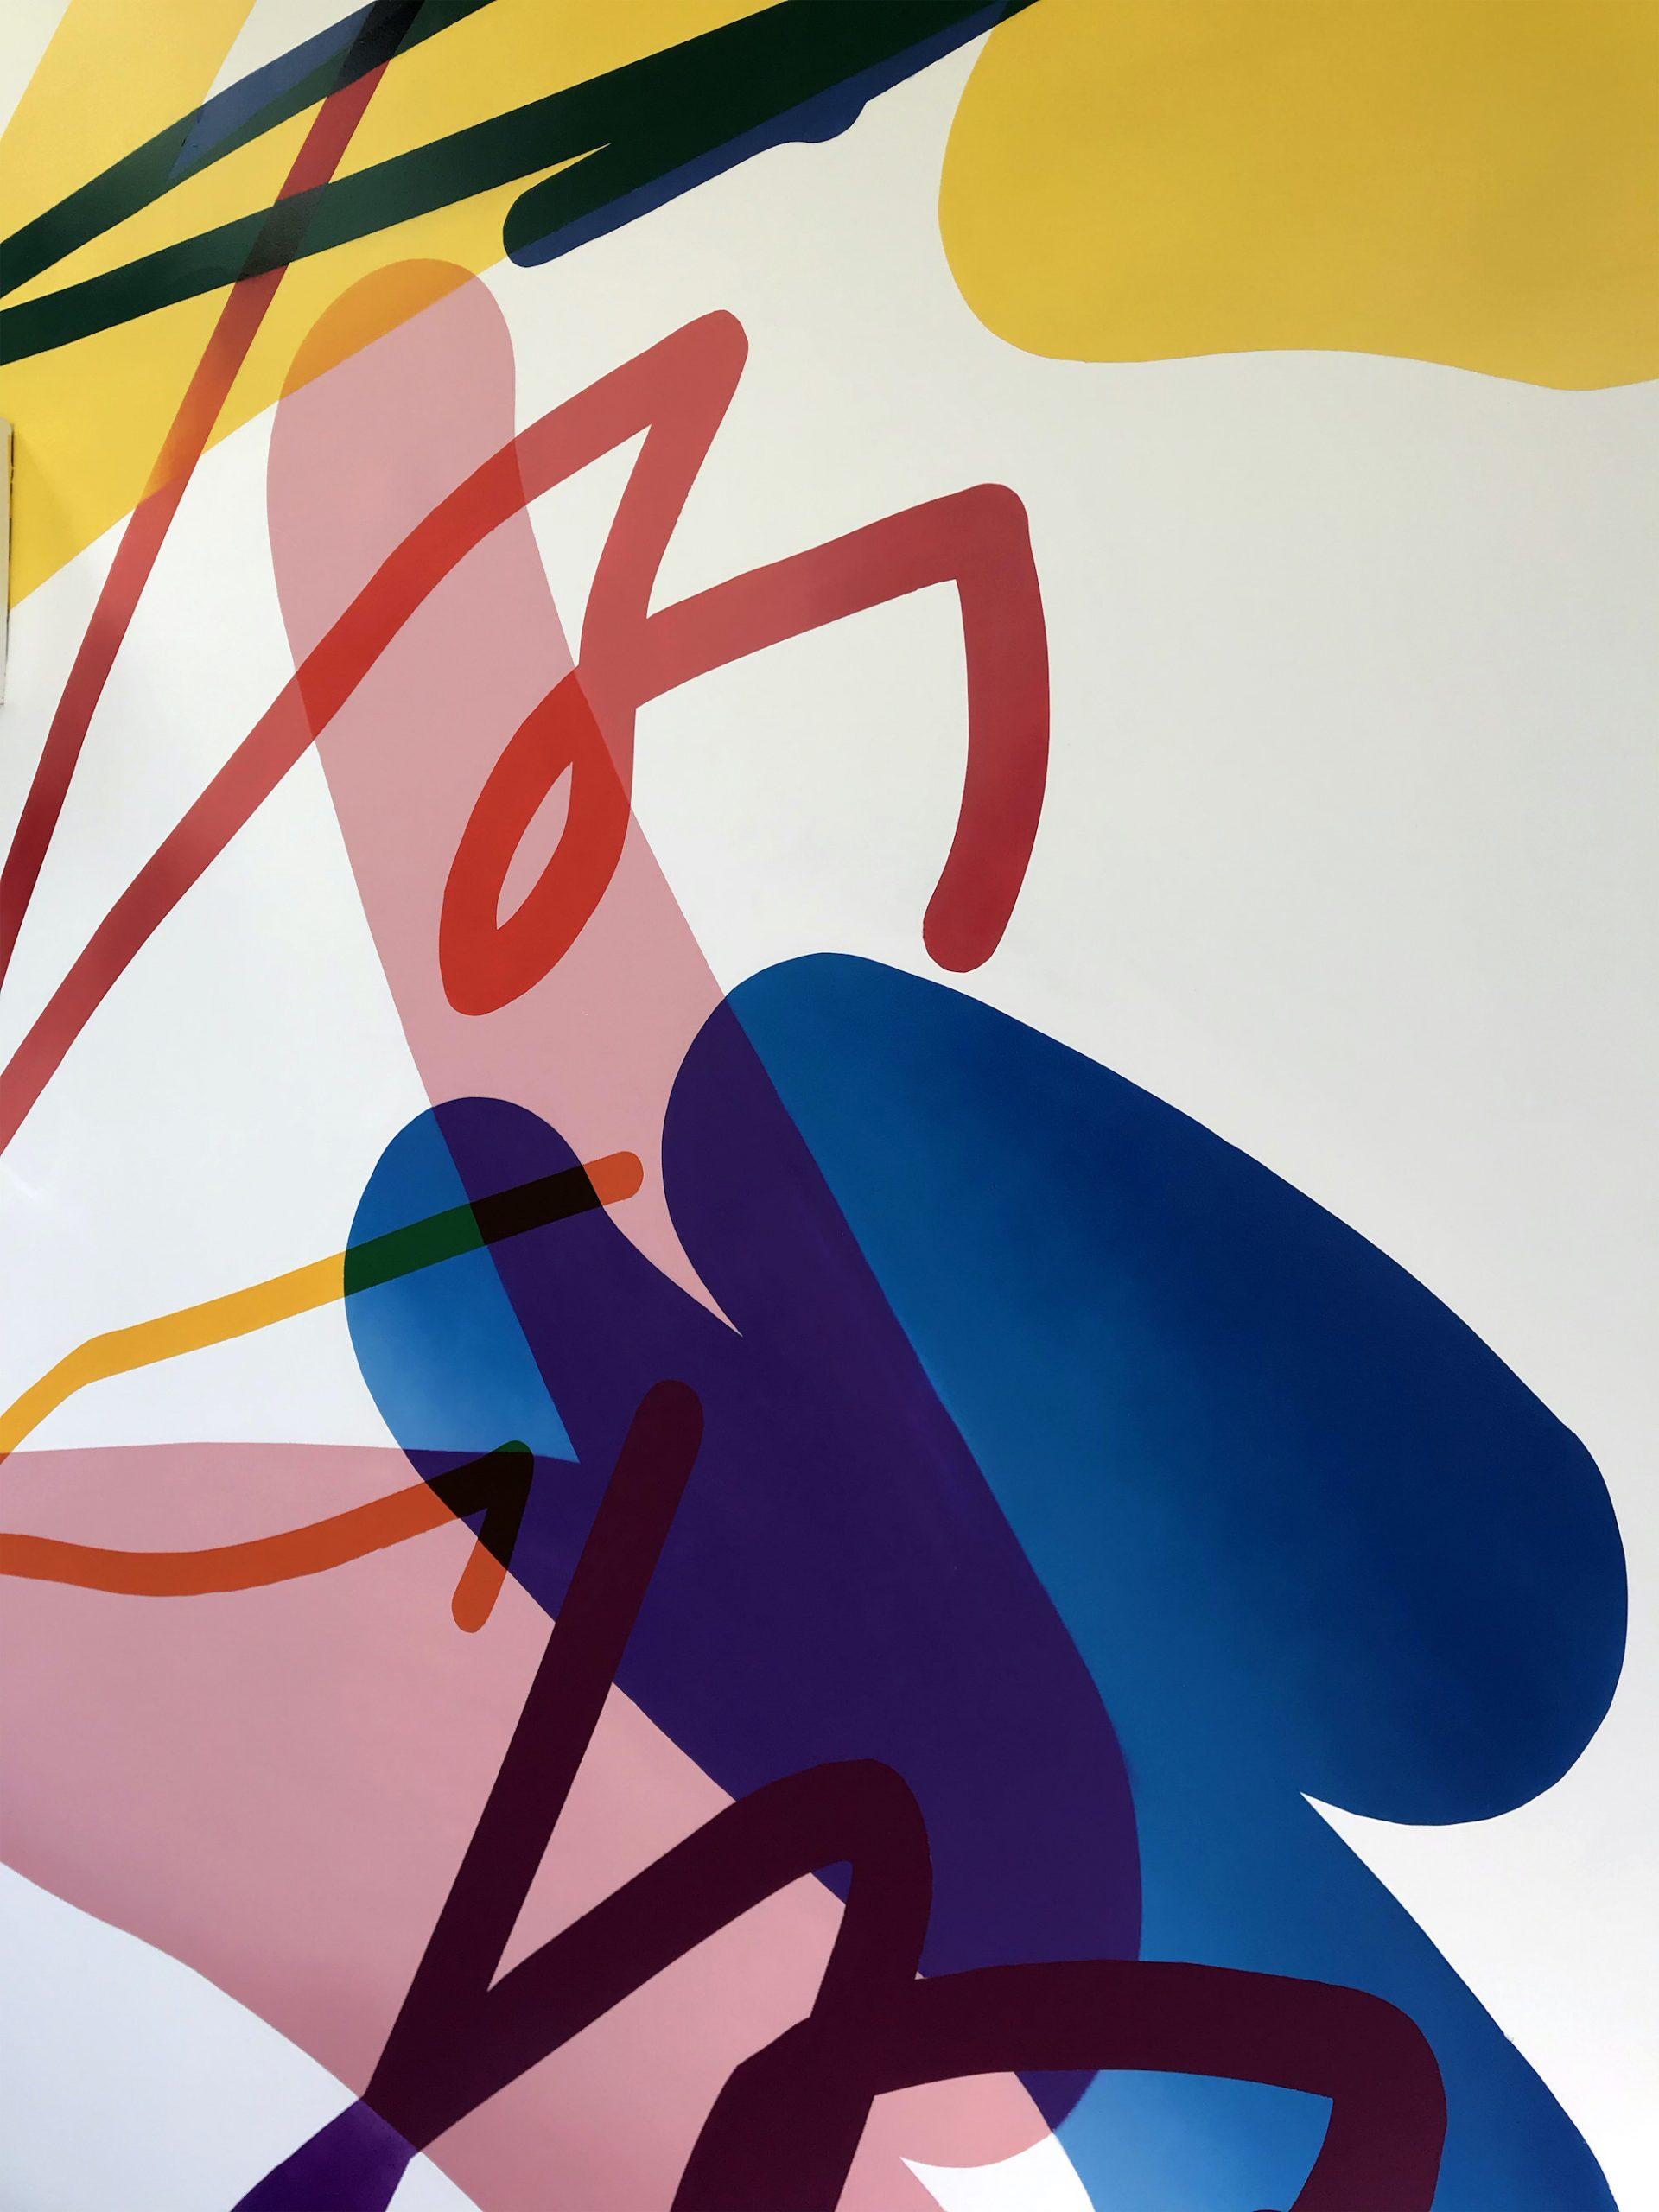 deco-graphique-fresque-interieur-abstrait-graffiti